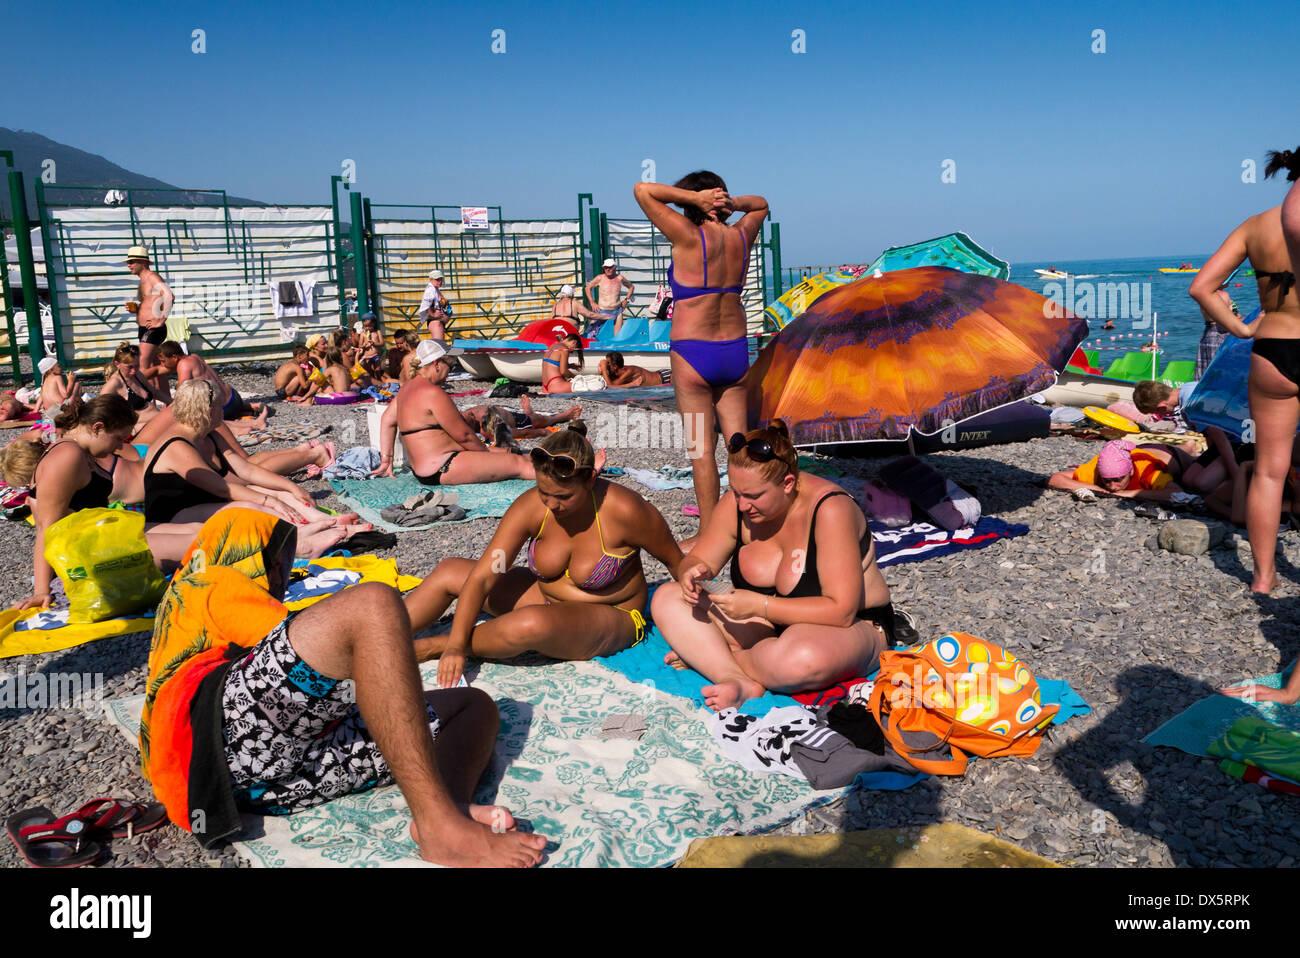 People Tanning On The Beach In Yalta Ukraine